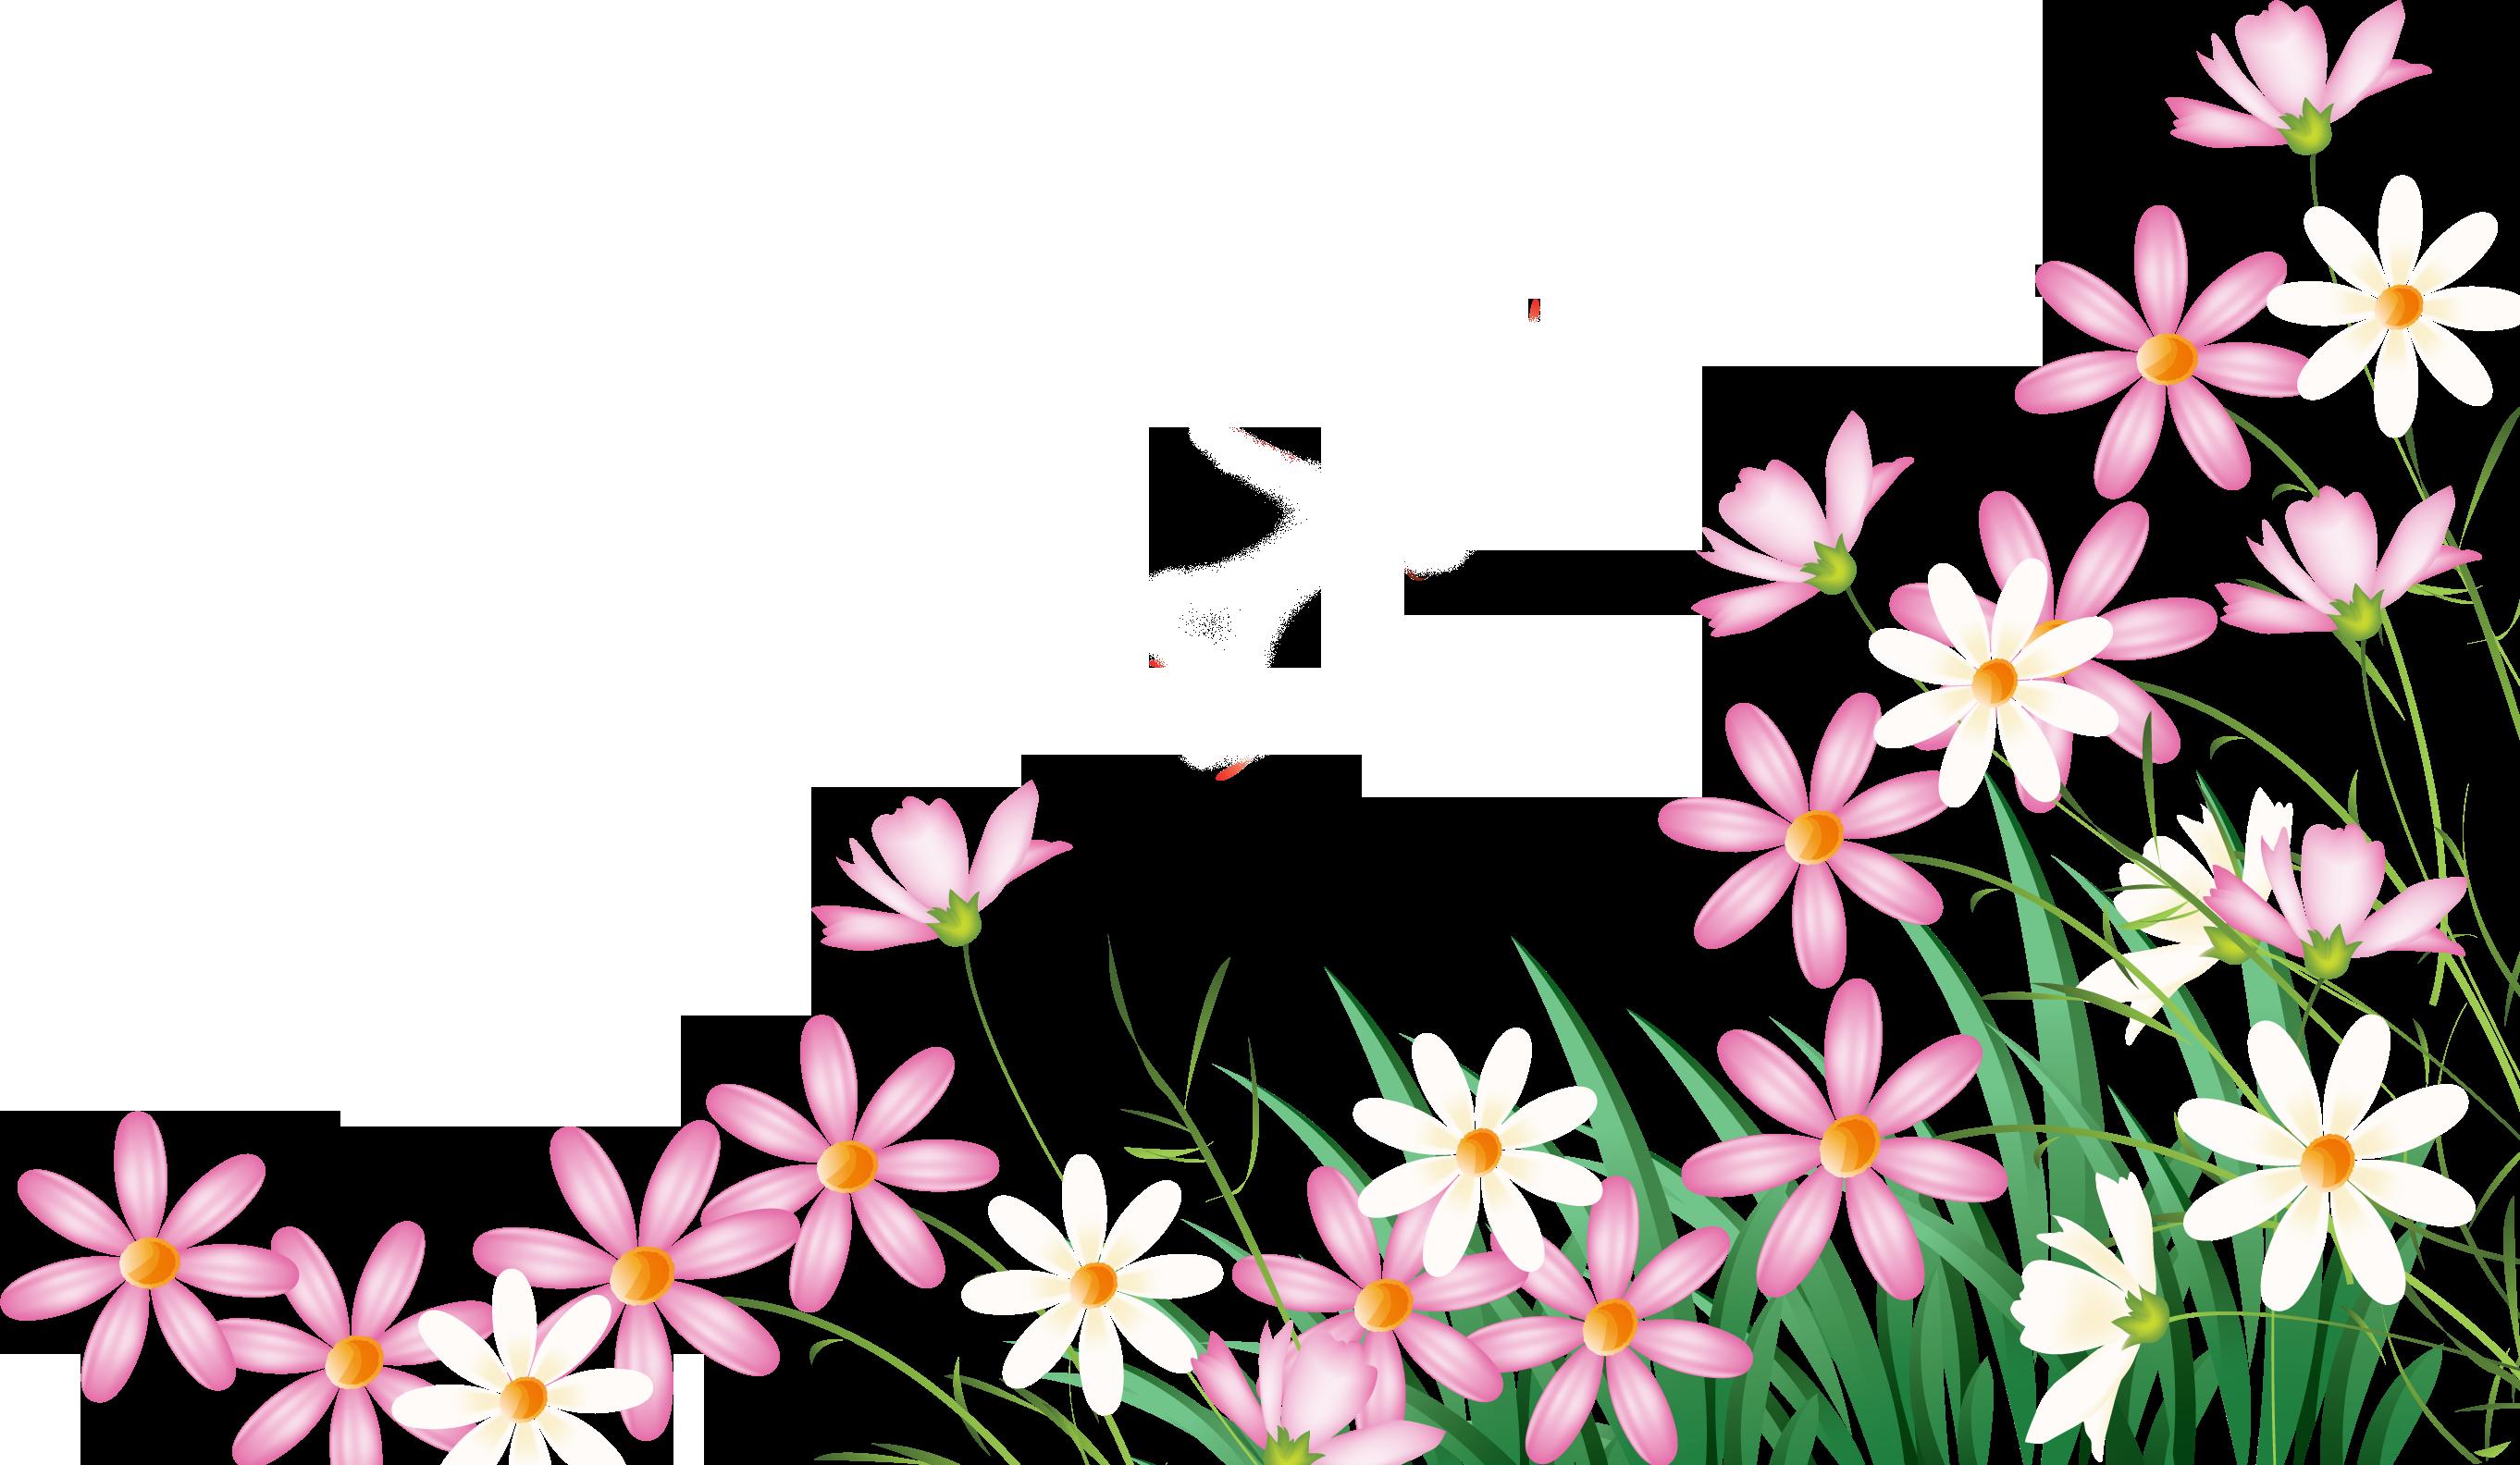 Картинки цветов на прозрачном фоне для презентации